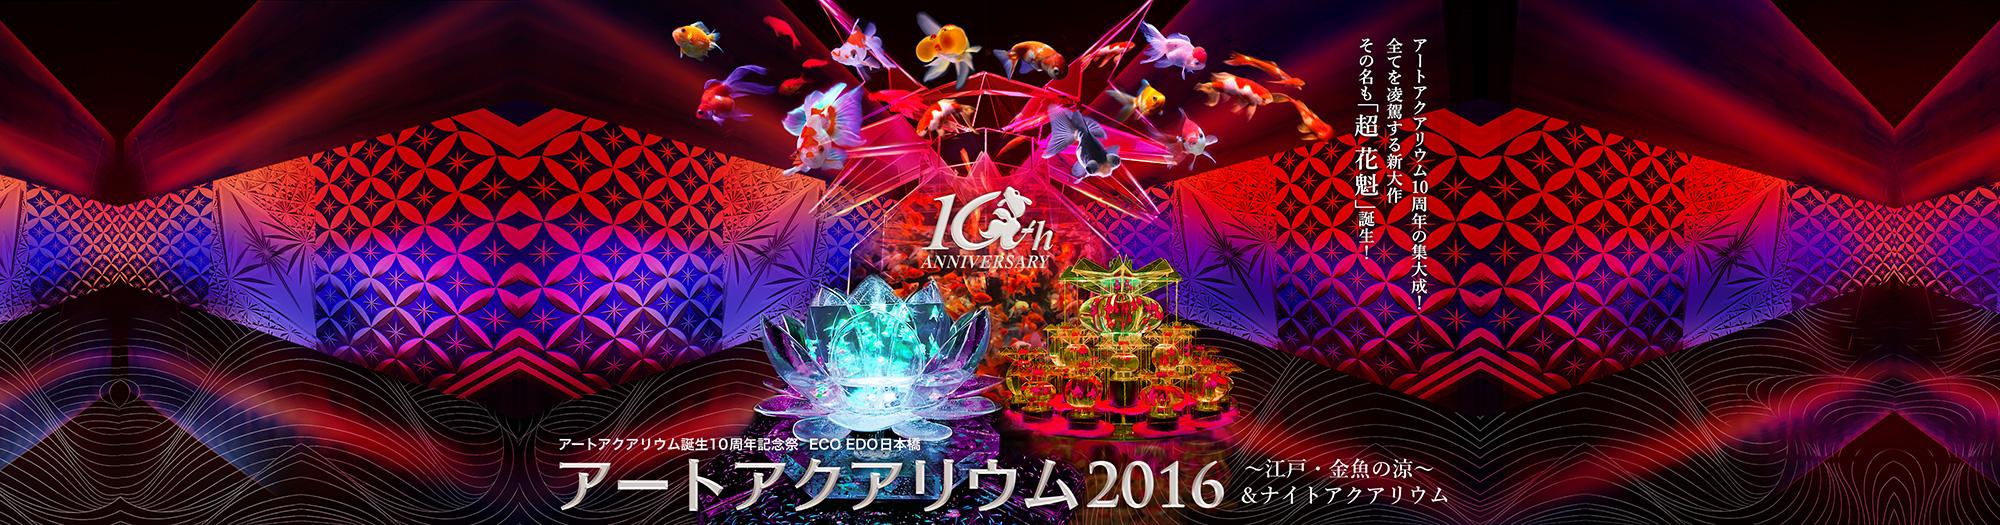 東京・日本橋でアートアクアリウム 2016~江戸・金魚の涼~ &ナイトアクアリウムを開催中。WEBページのデザインが良いだけで、デートに行きたくなる良い例。~9/25。